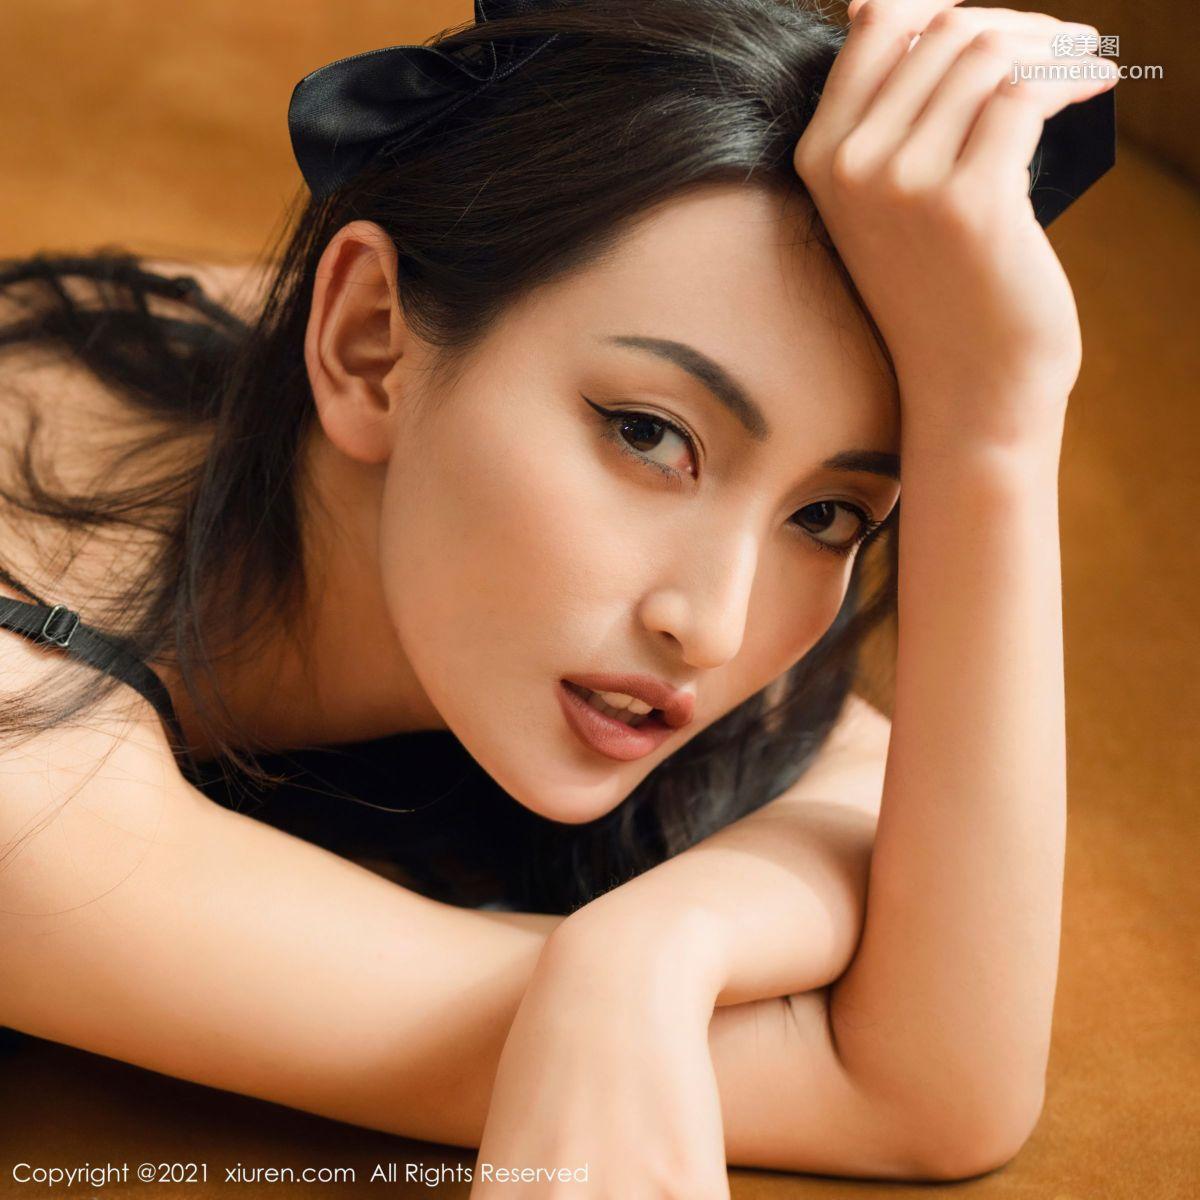 骨感美女陈舒羽 小野猫拥她入怀